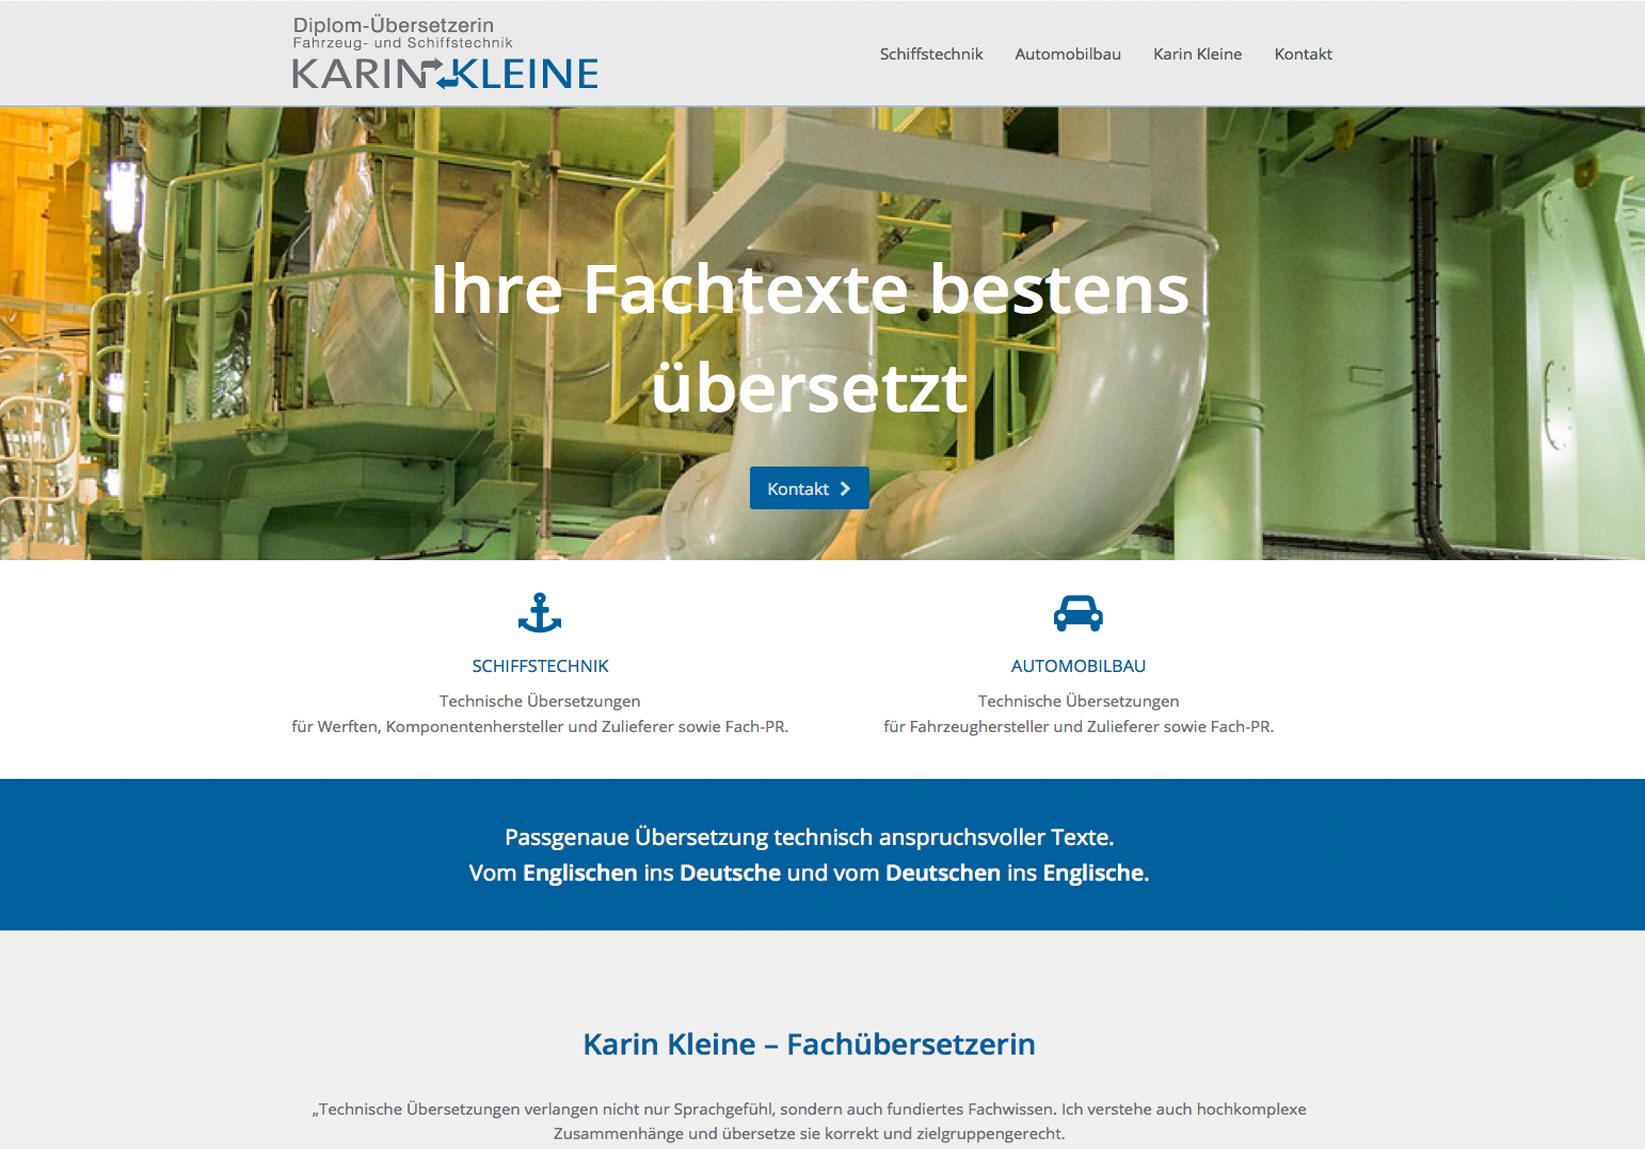 Karin Kleine Fachübersetzungen